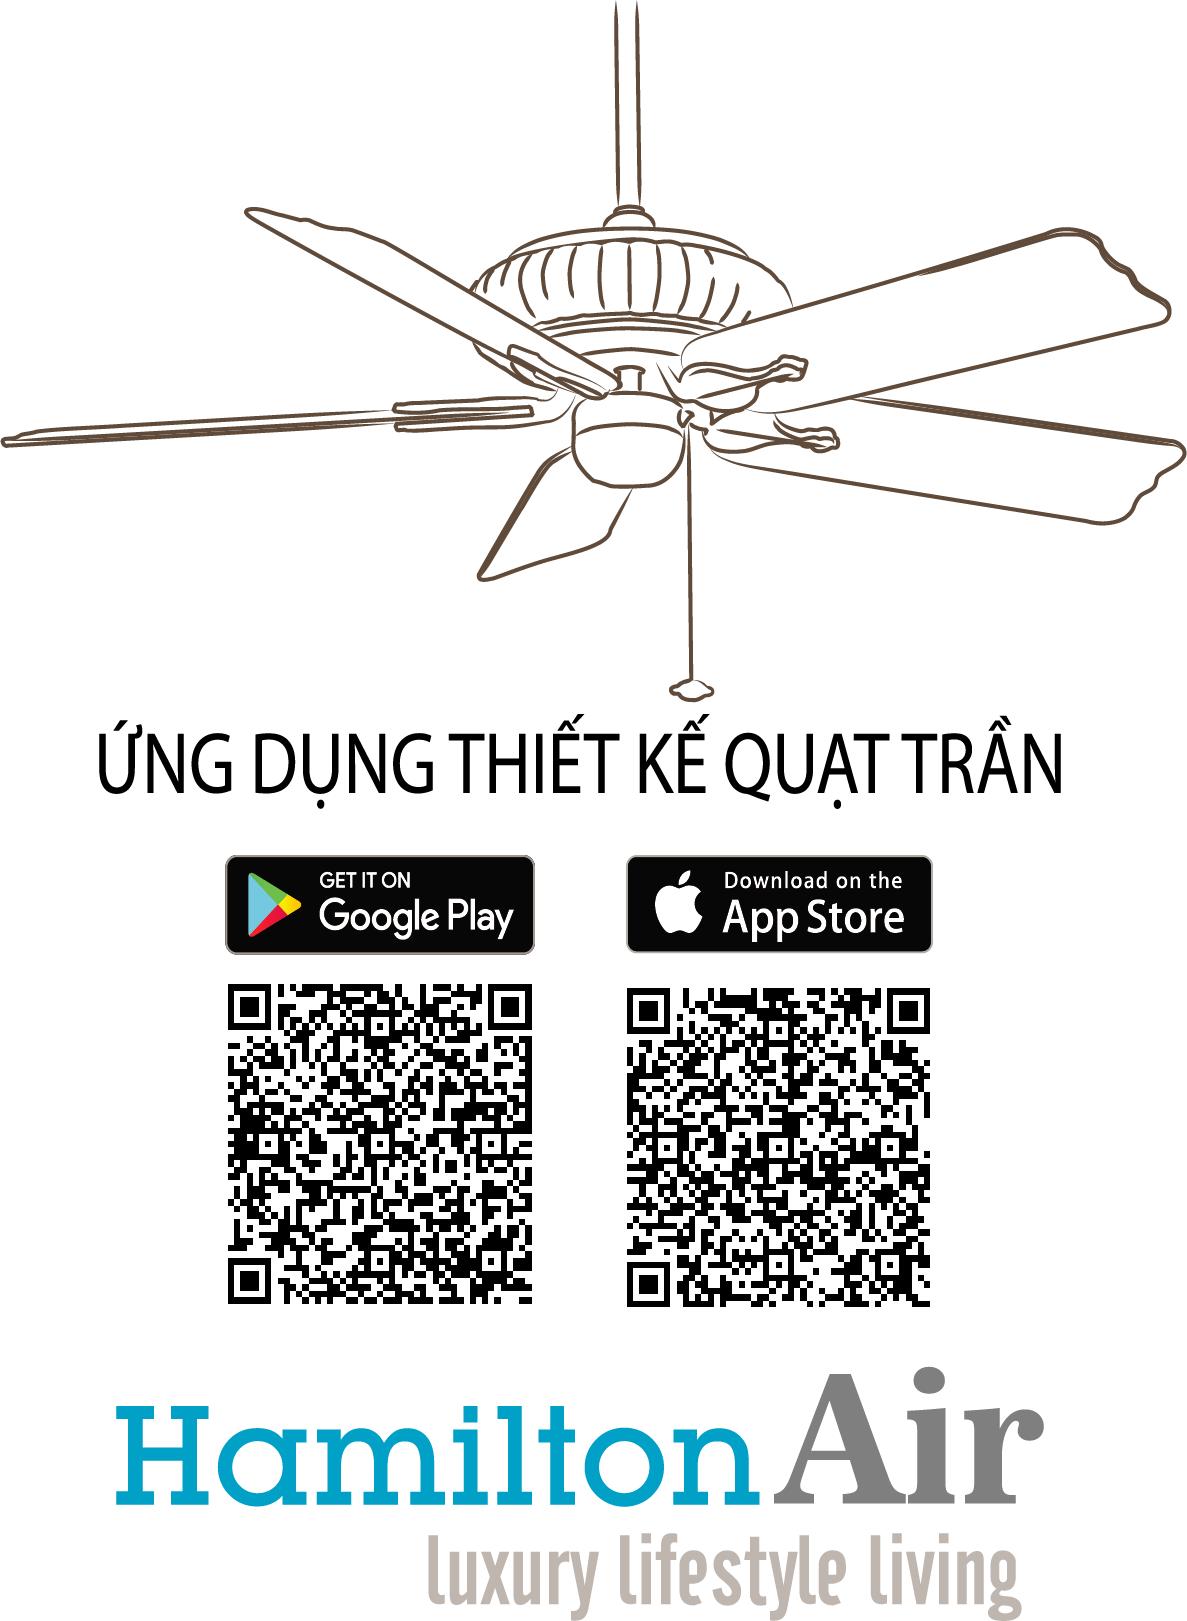 thiết kế Ceiling Fan app